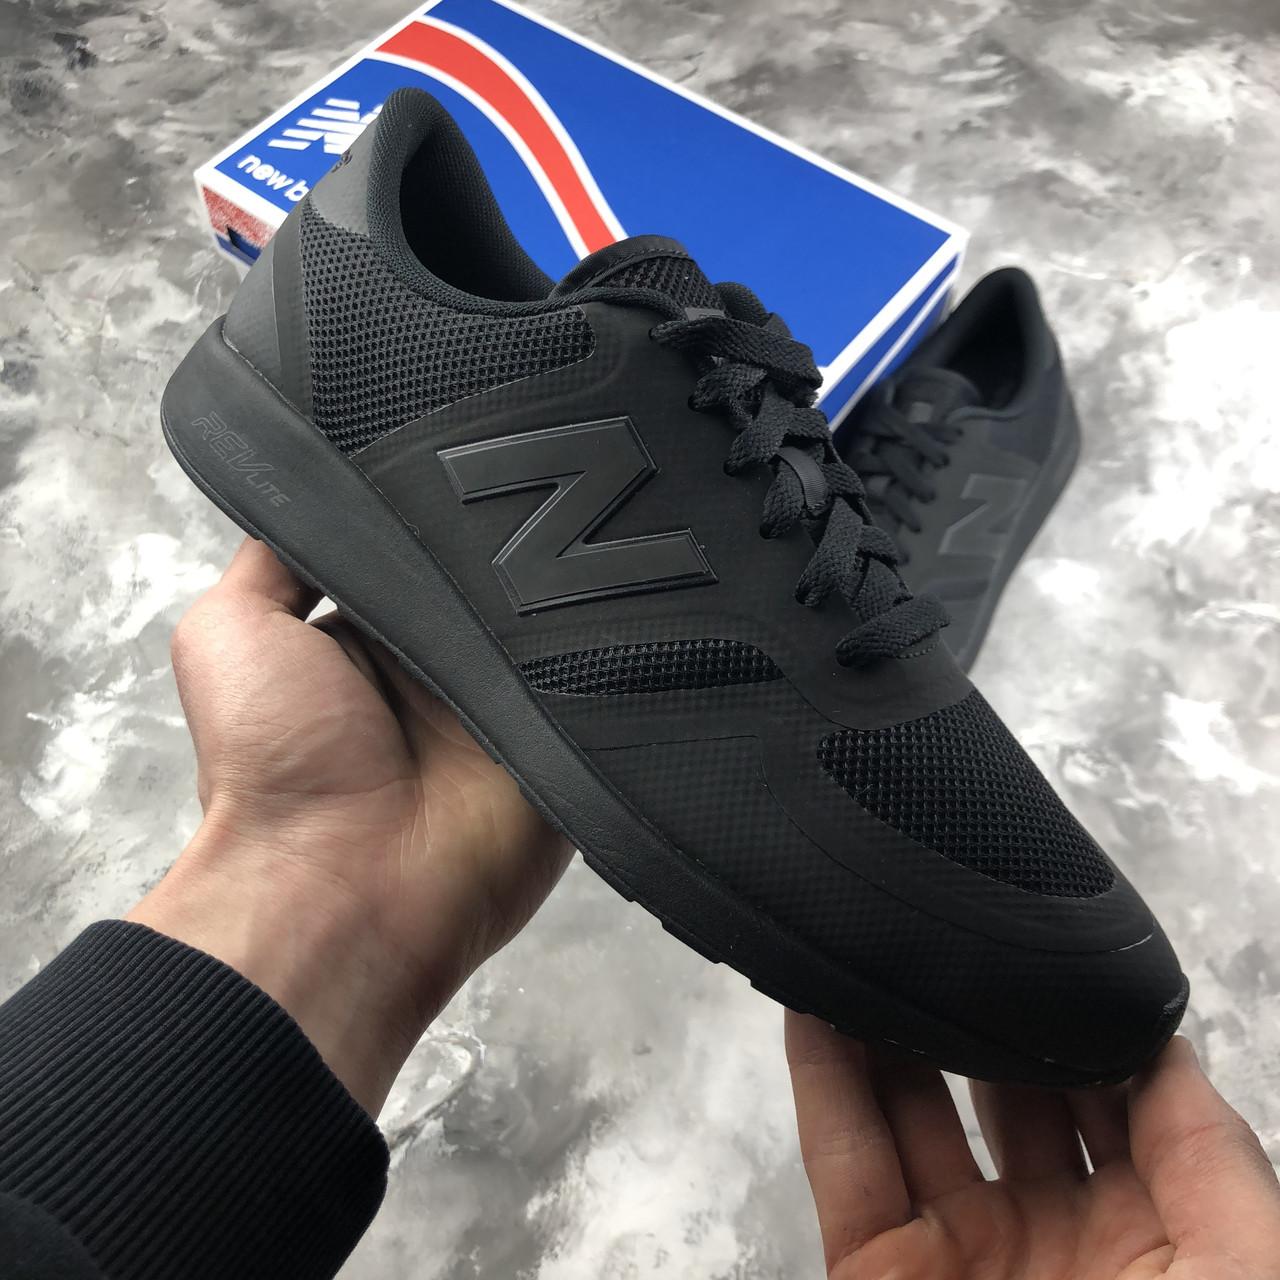 Оригинальные мужские кроссовки New Balance Lifestyle 420 Re-Engineered 70'S, MRL420TB